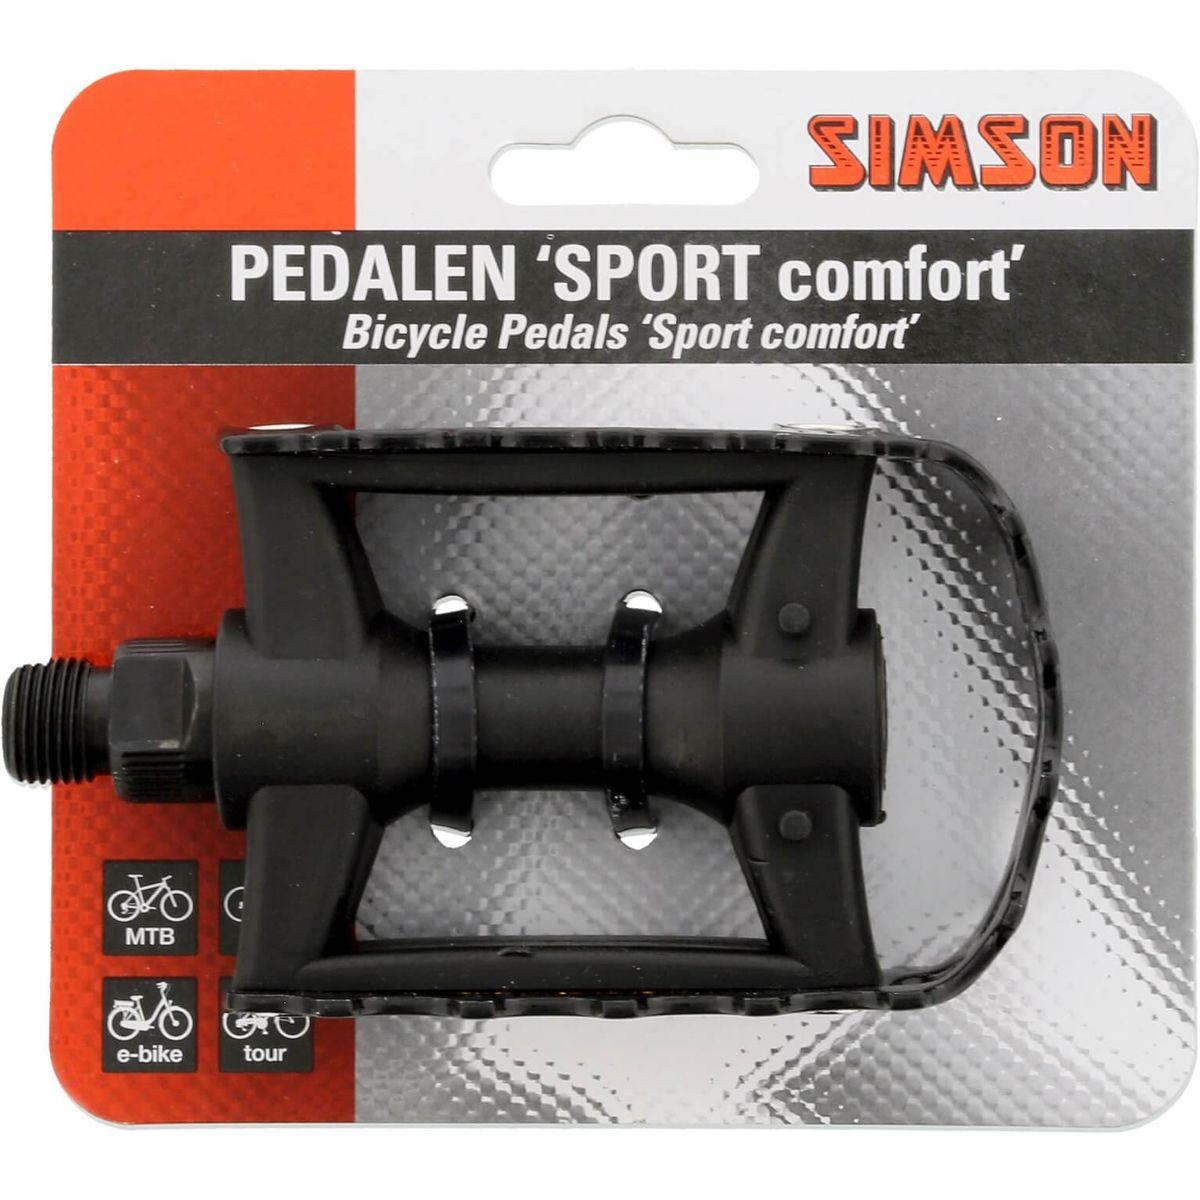 Simson pedaalset sport comfort reflectoren (2)